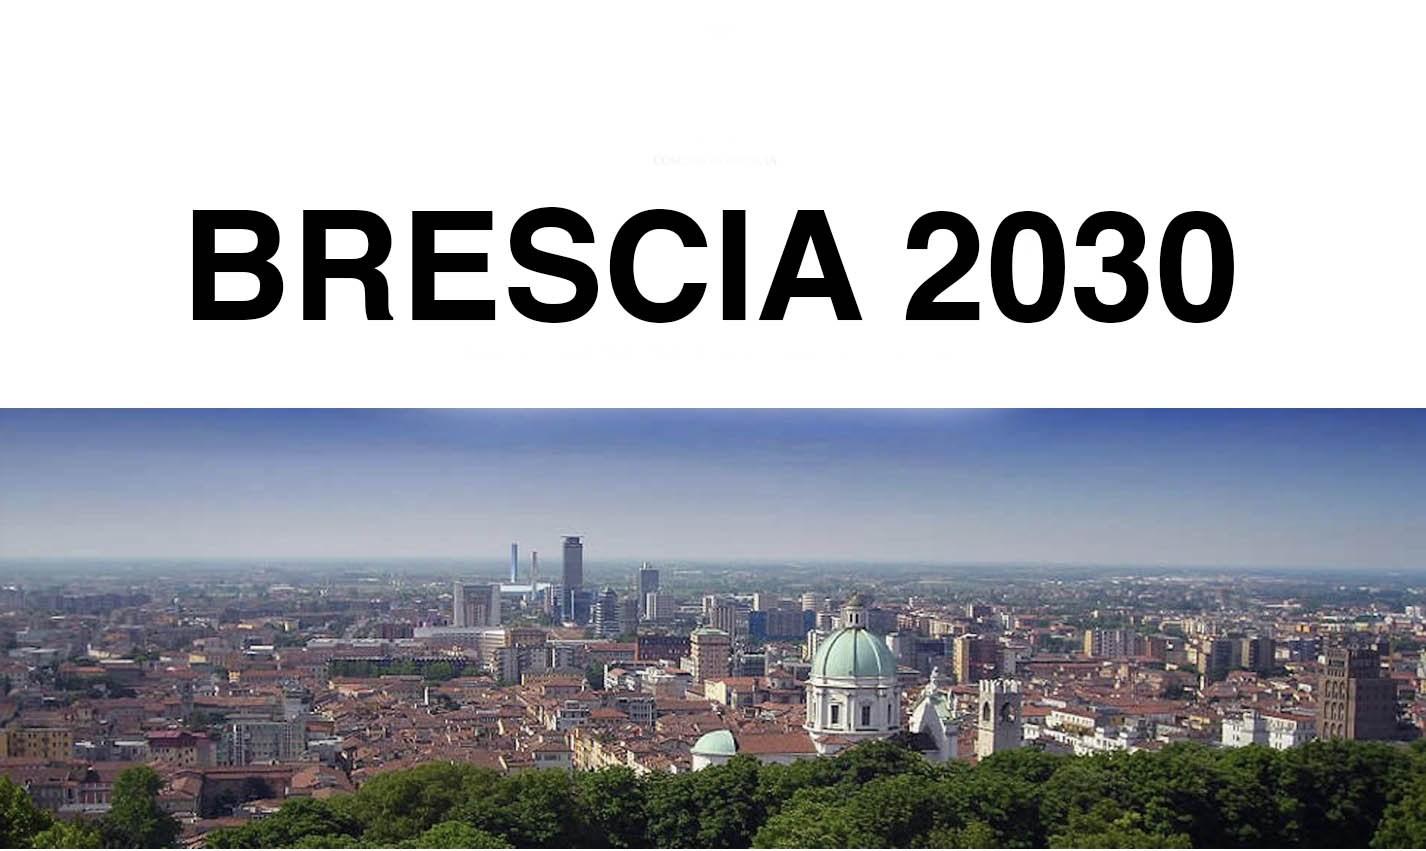 brescia2030